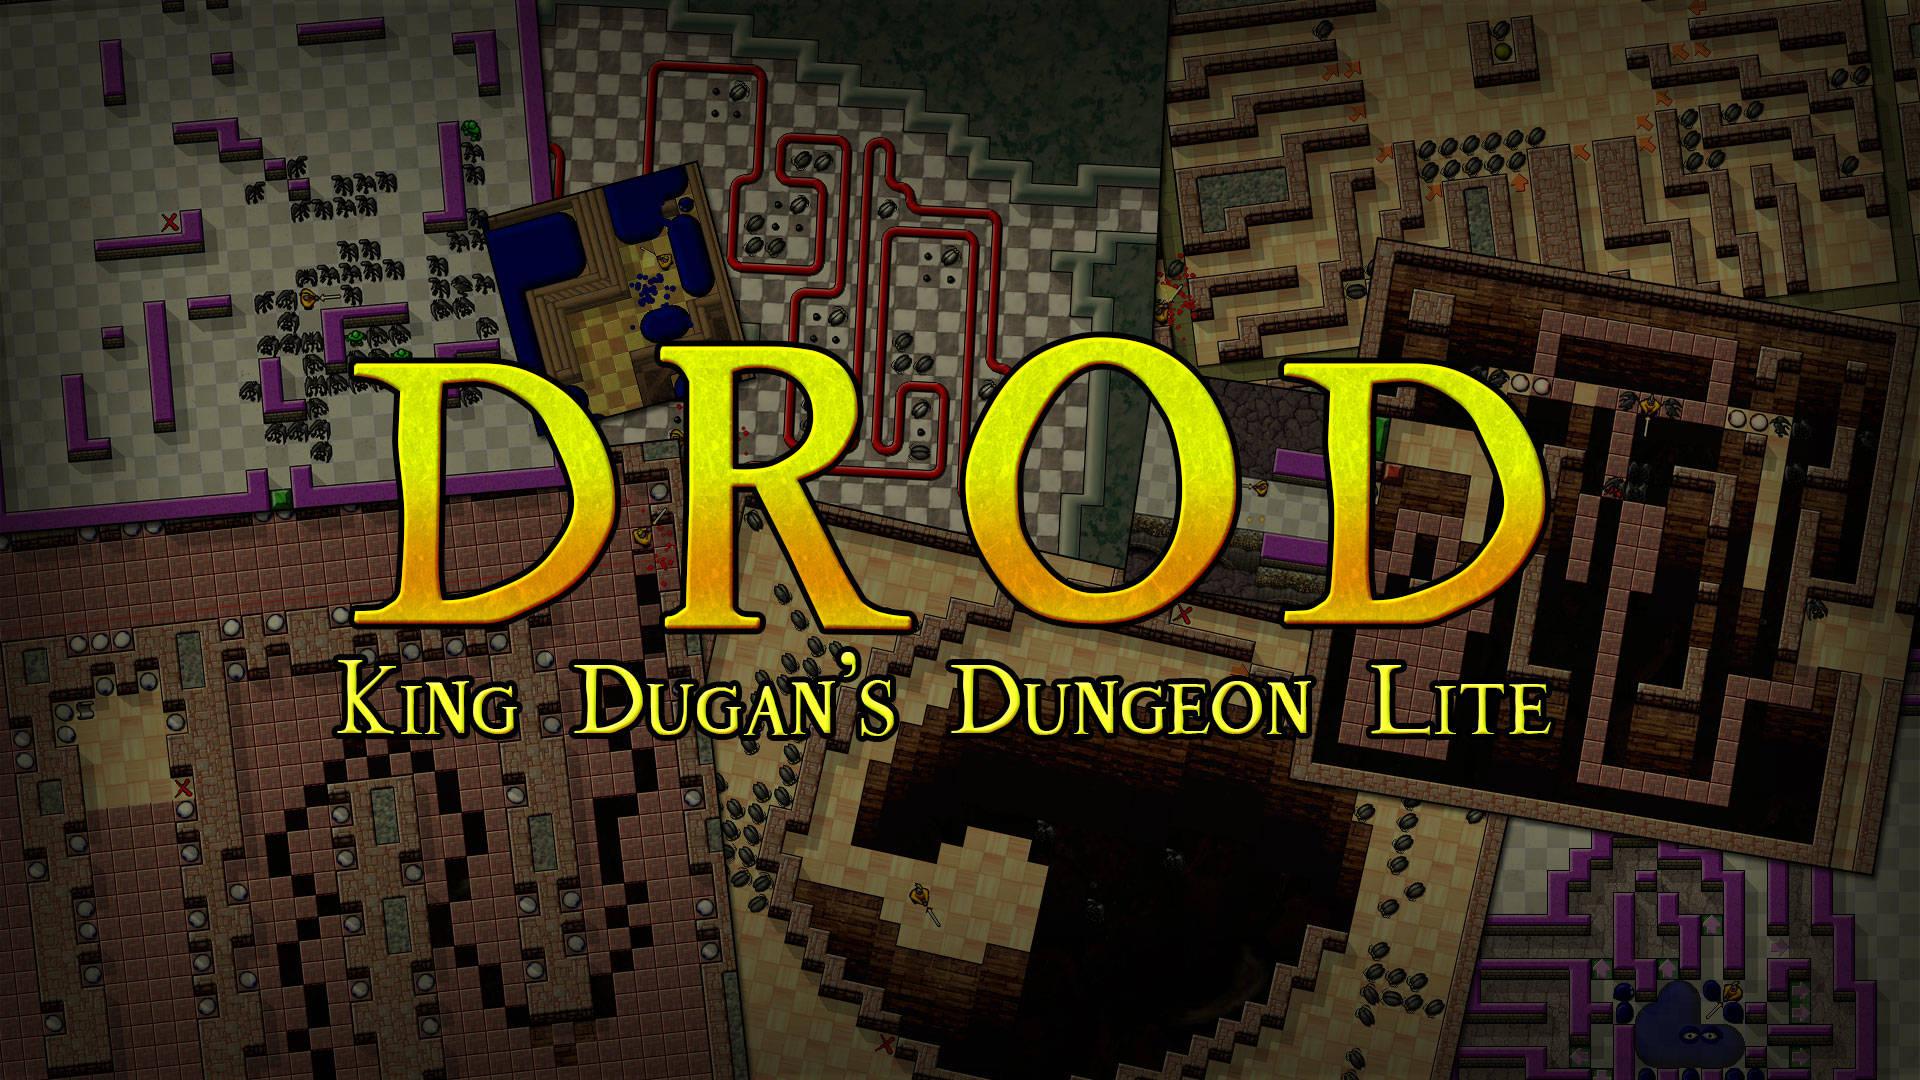 King Dugan's Dungeon Lite image